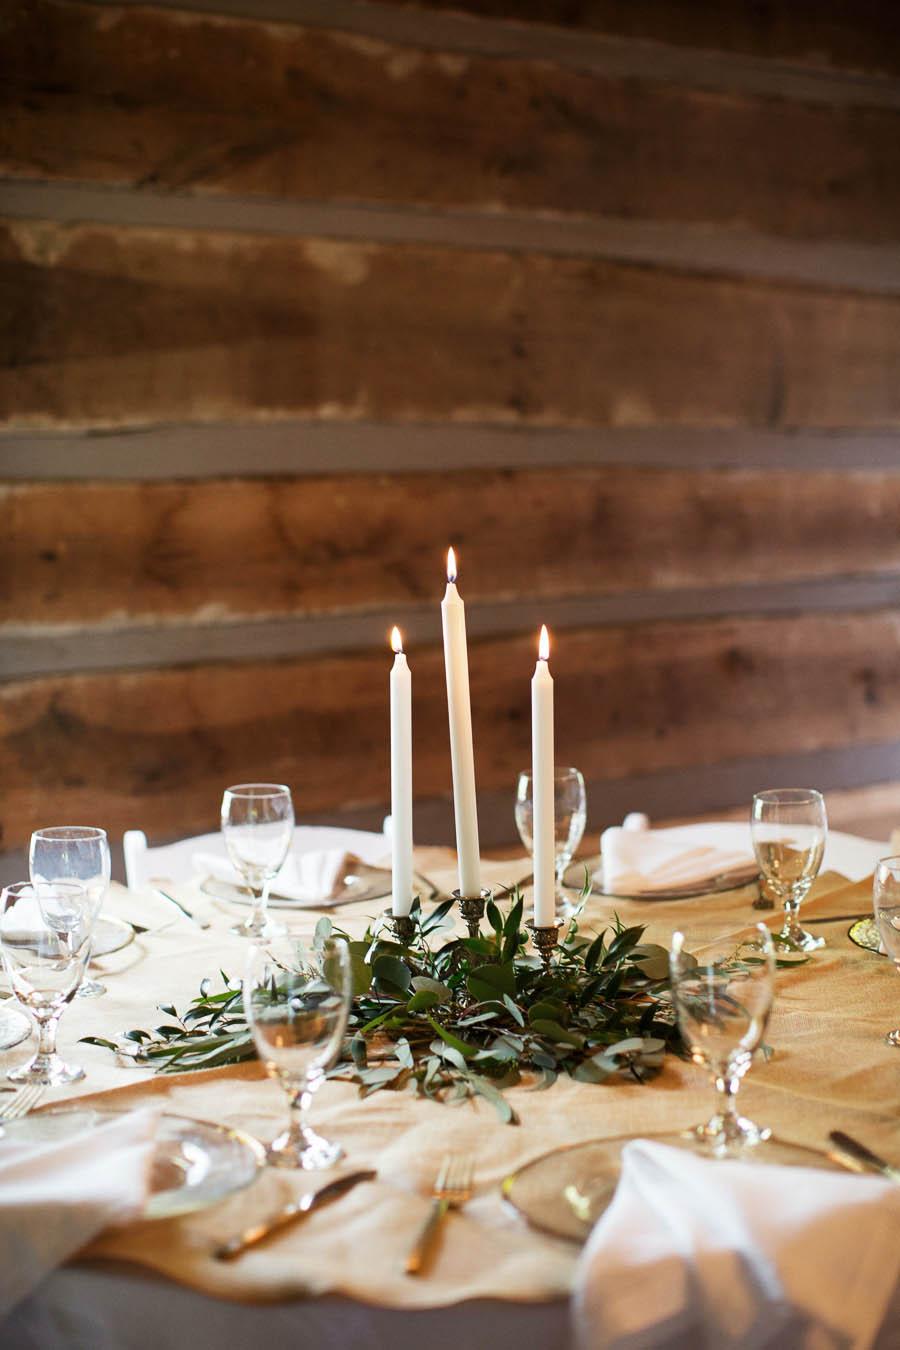 martellimony_nashville_americana_wedding_hermitage_natural_film_wedding_photography_-¬2015abigailbobophotography-15.jpg